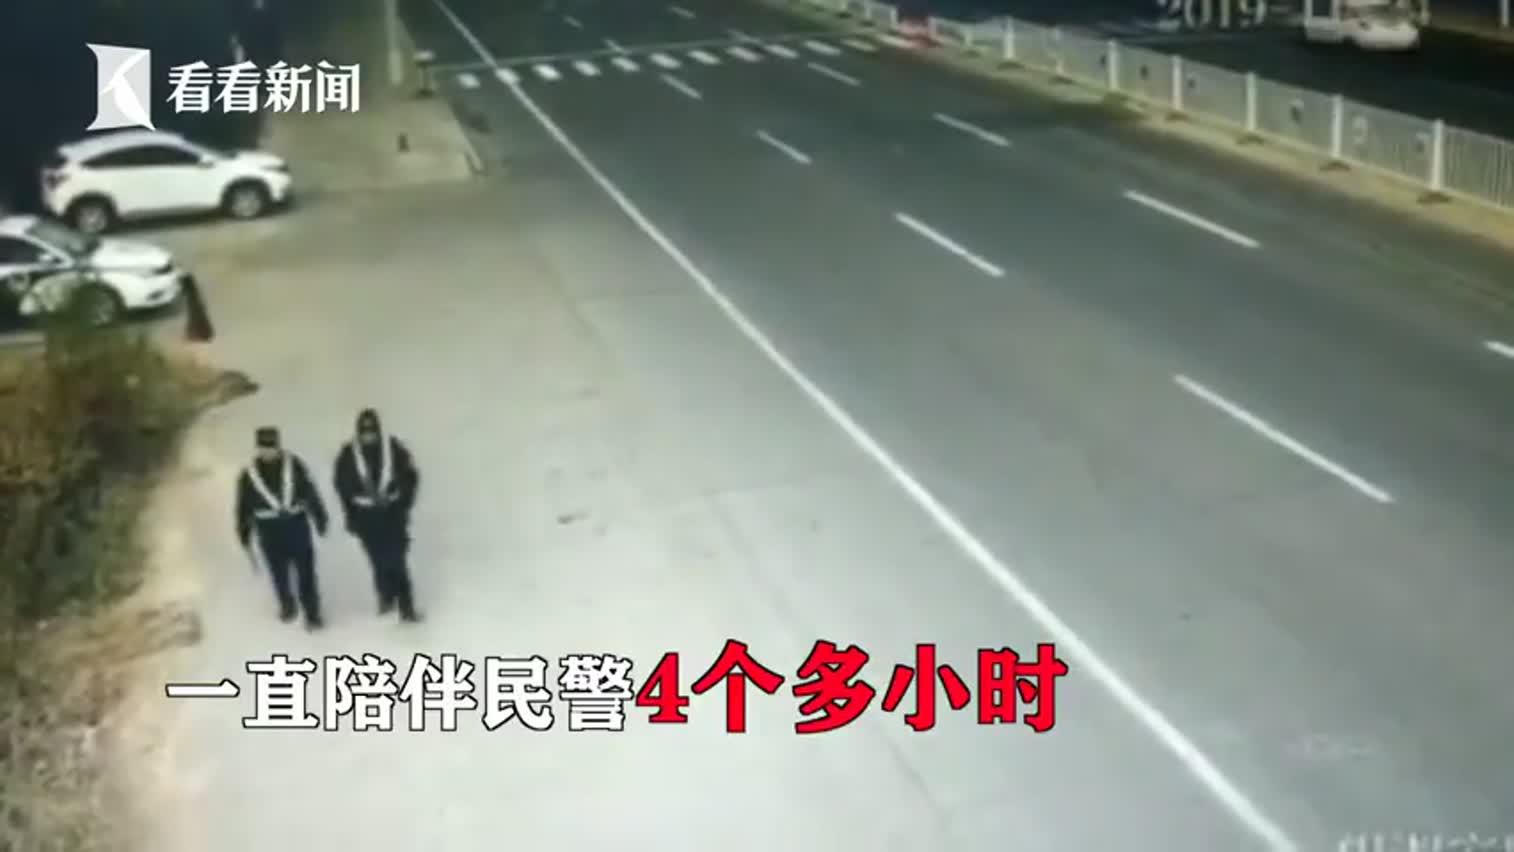 视频-执勤民警长得像爸爸 小女孩陪伴巡逻4小时